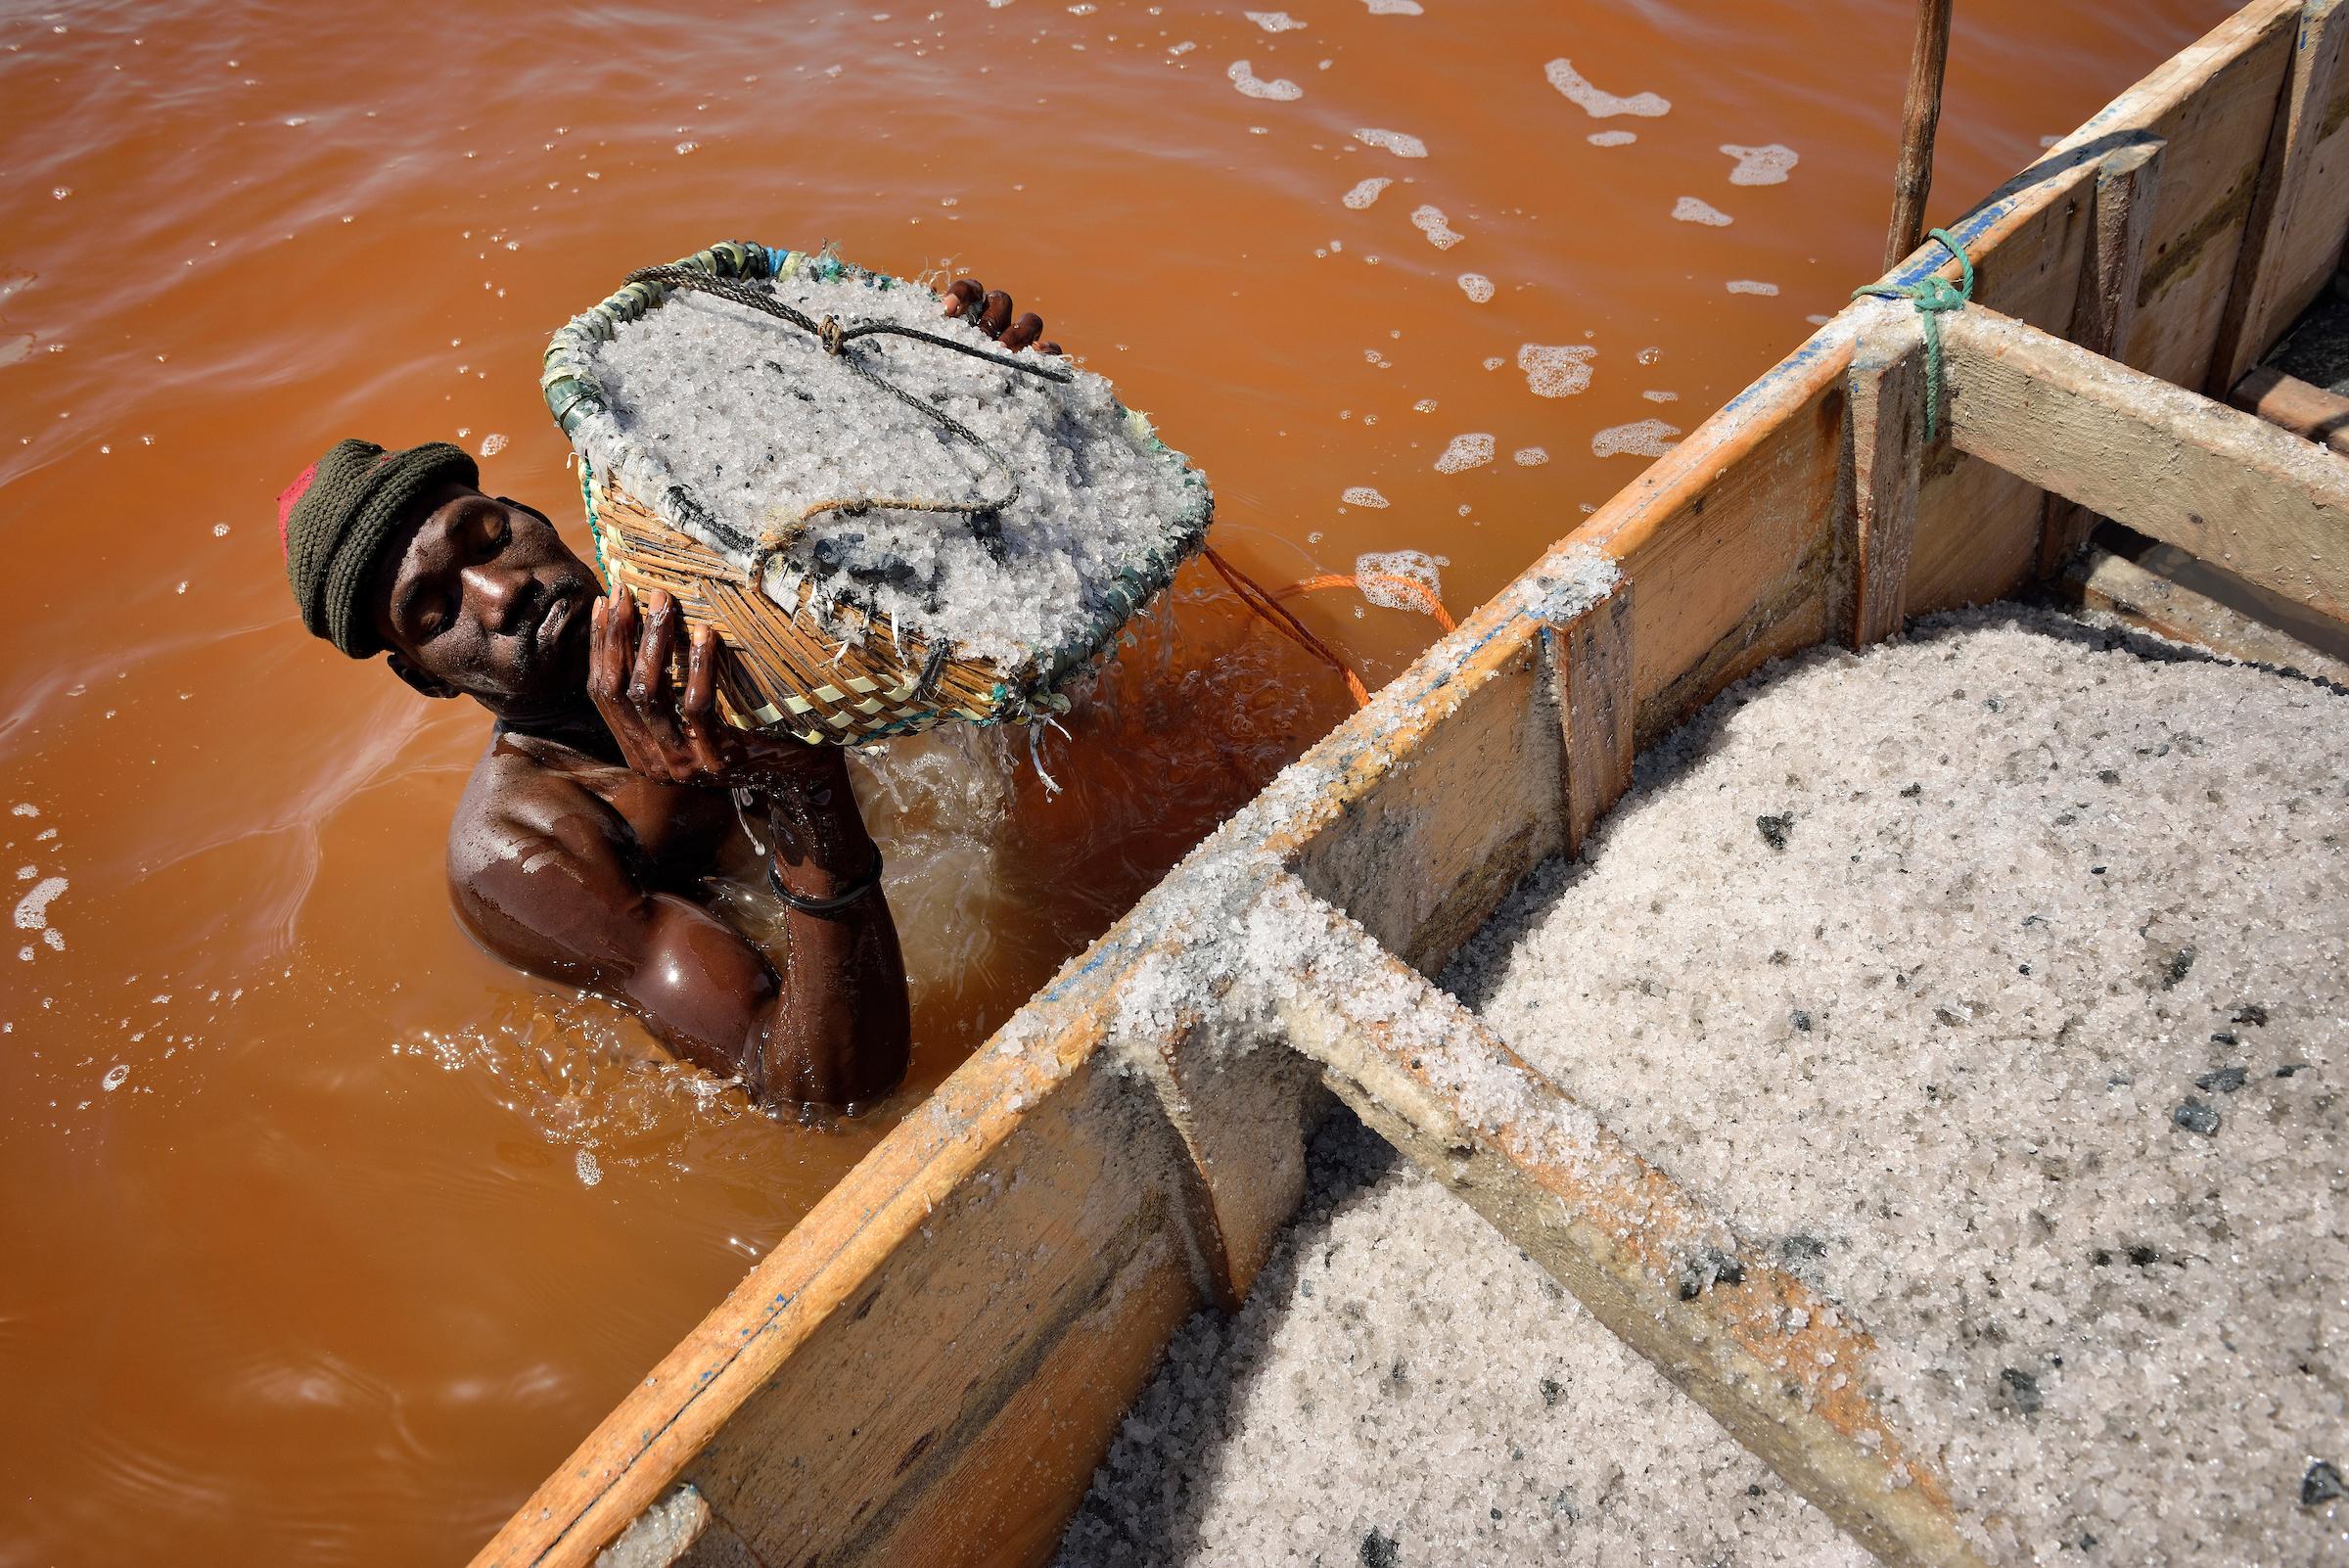 26. Februar 2013. Djiby Gnigne hievt mit einem Korb Salz aus dem Wasser und schüttet es in sein Holzboot. Bei dieser Arbeit muss Djiby Gnigne gut darauf achten, dass ihm kein Salzwasser in die Augen kommt, da er die Arbeit sonst unterbrechen muss.